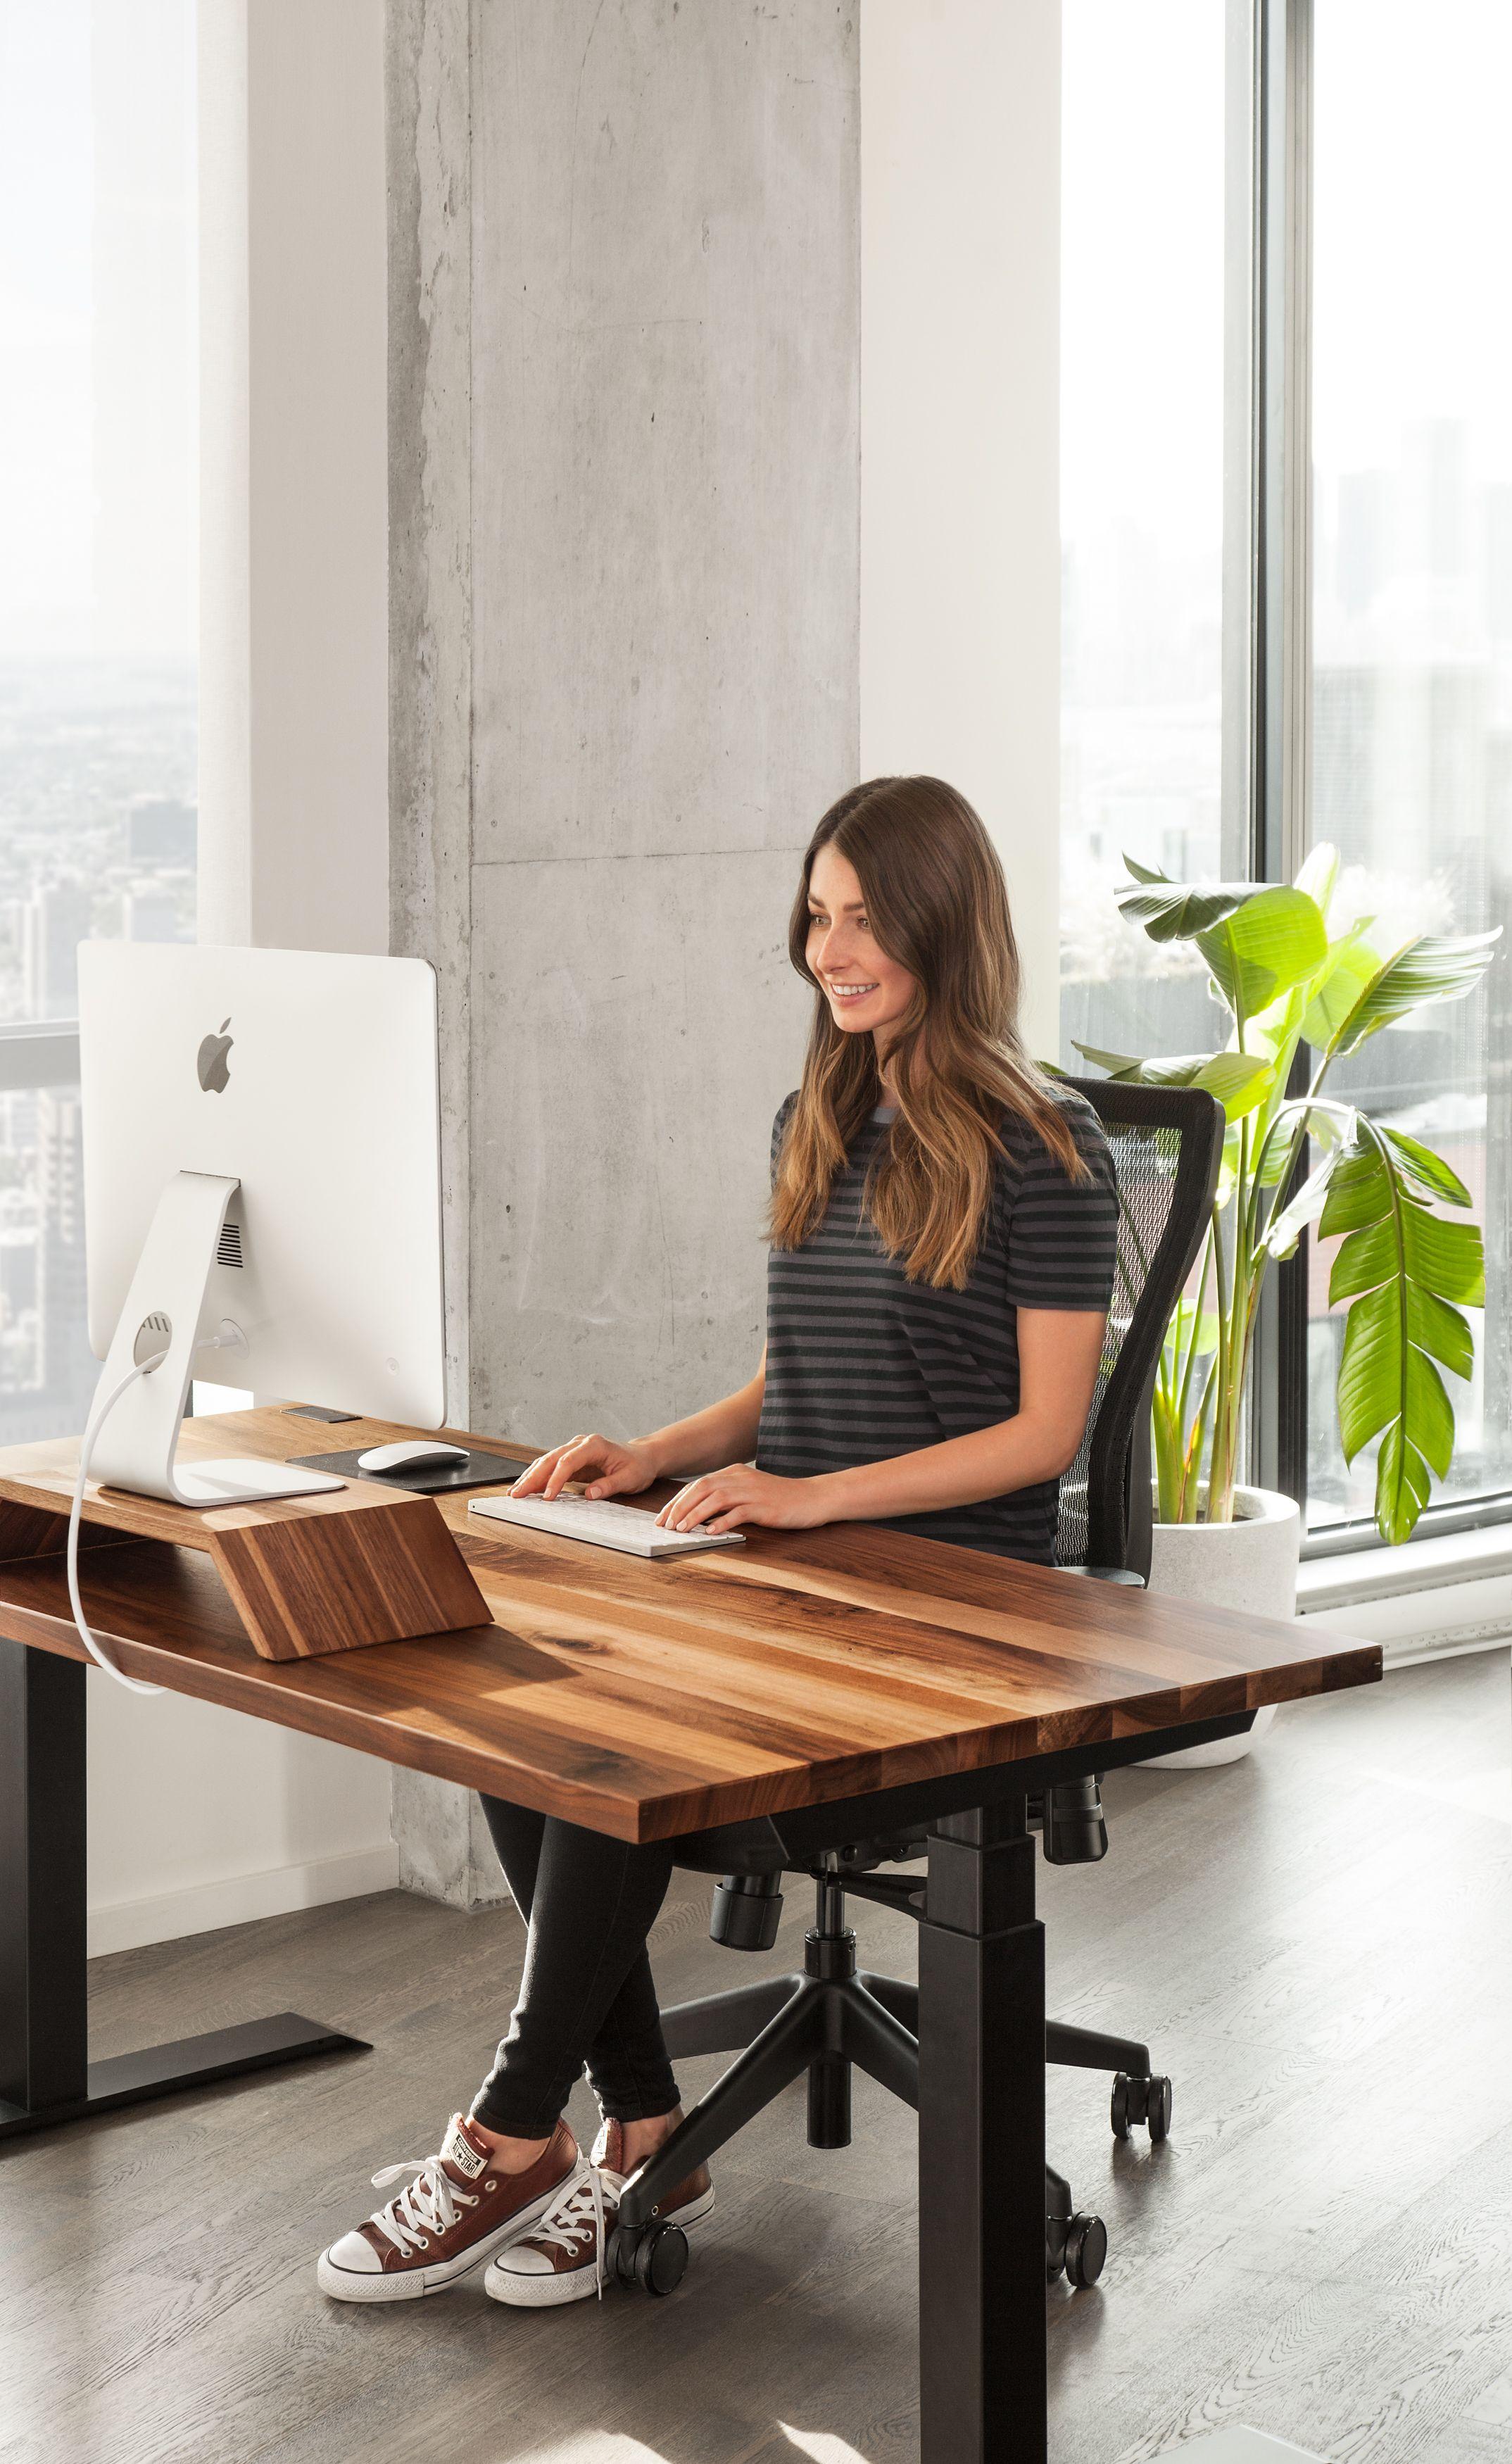 Ergonofis Sit Stand Desk Sway Sit Stand Desk Desk Walnut Desks